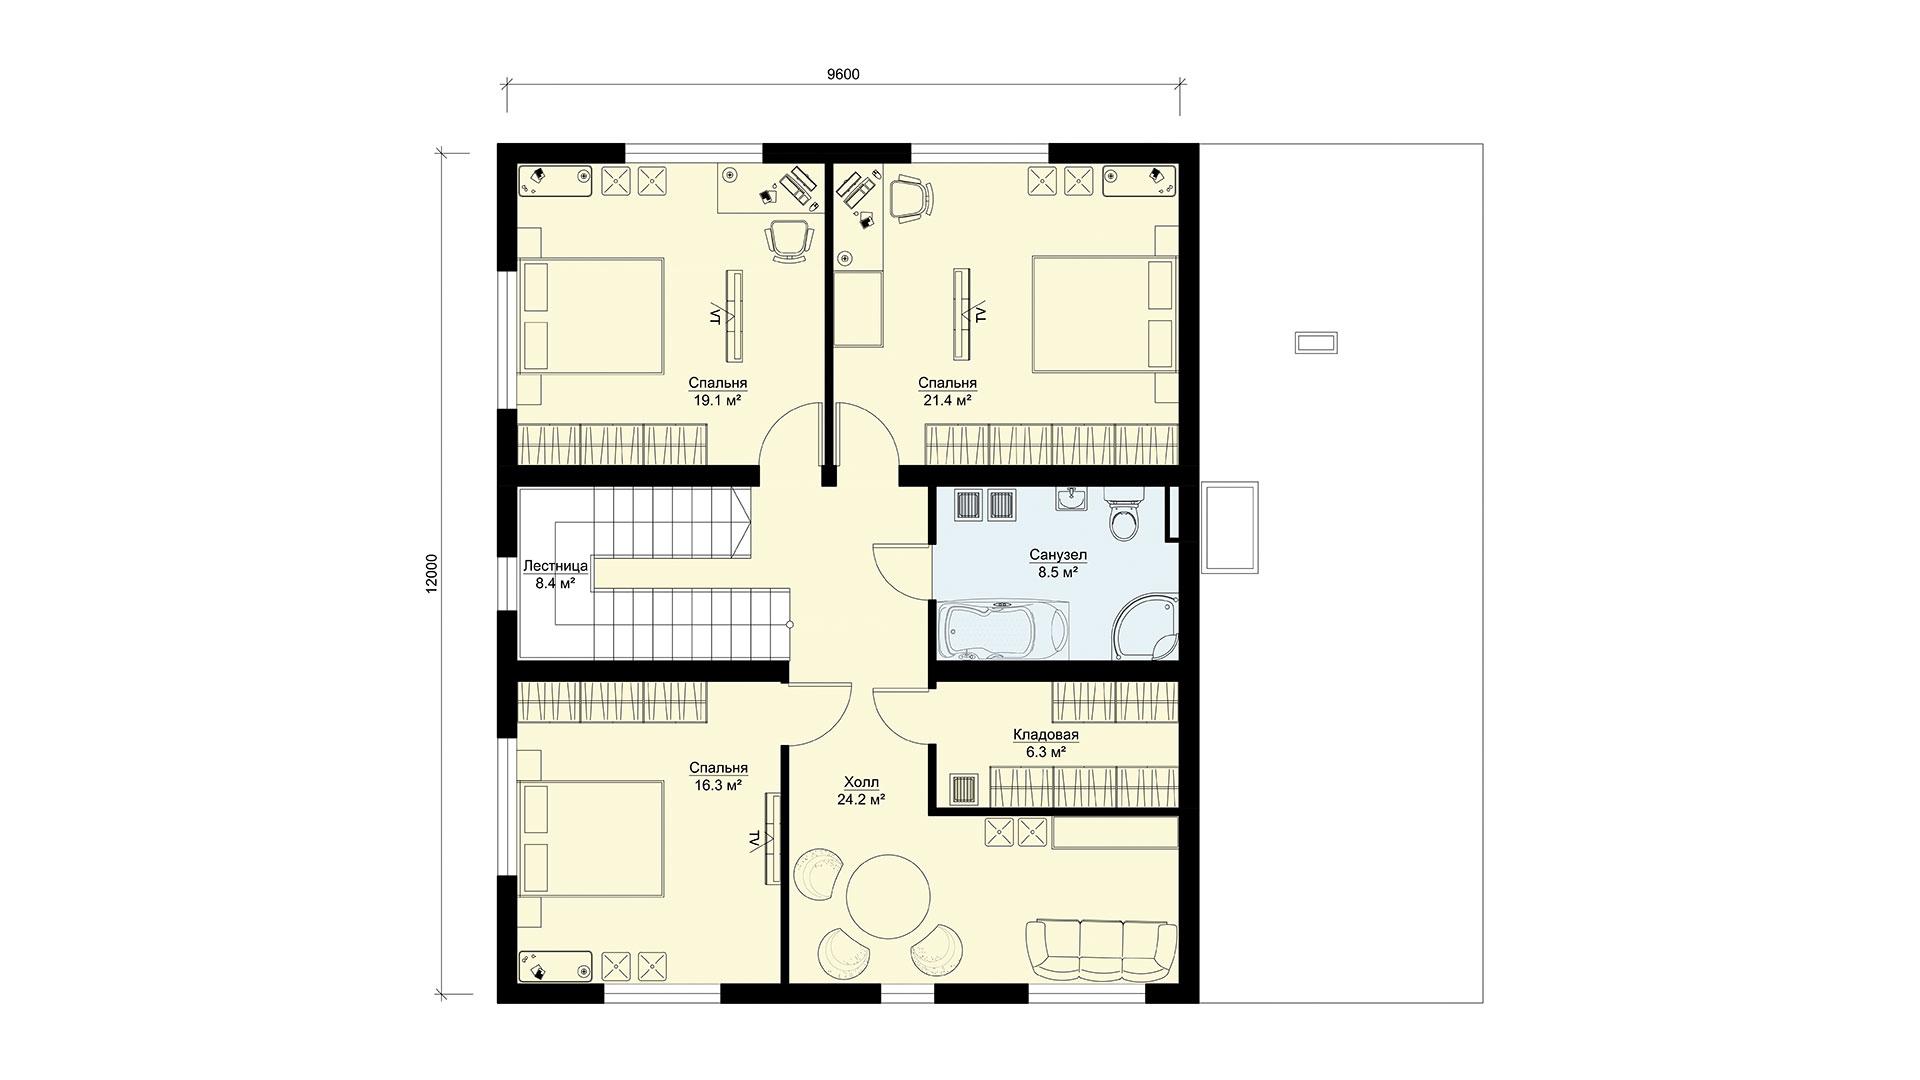 План второго этажа двухэтажного загородного дома БЭНПАН, проект МС-255.